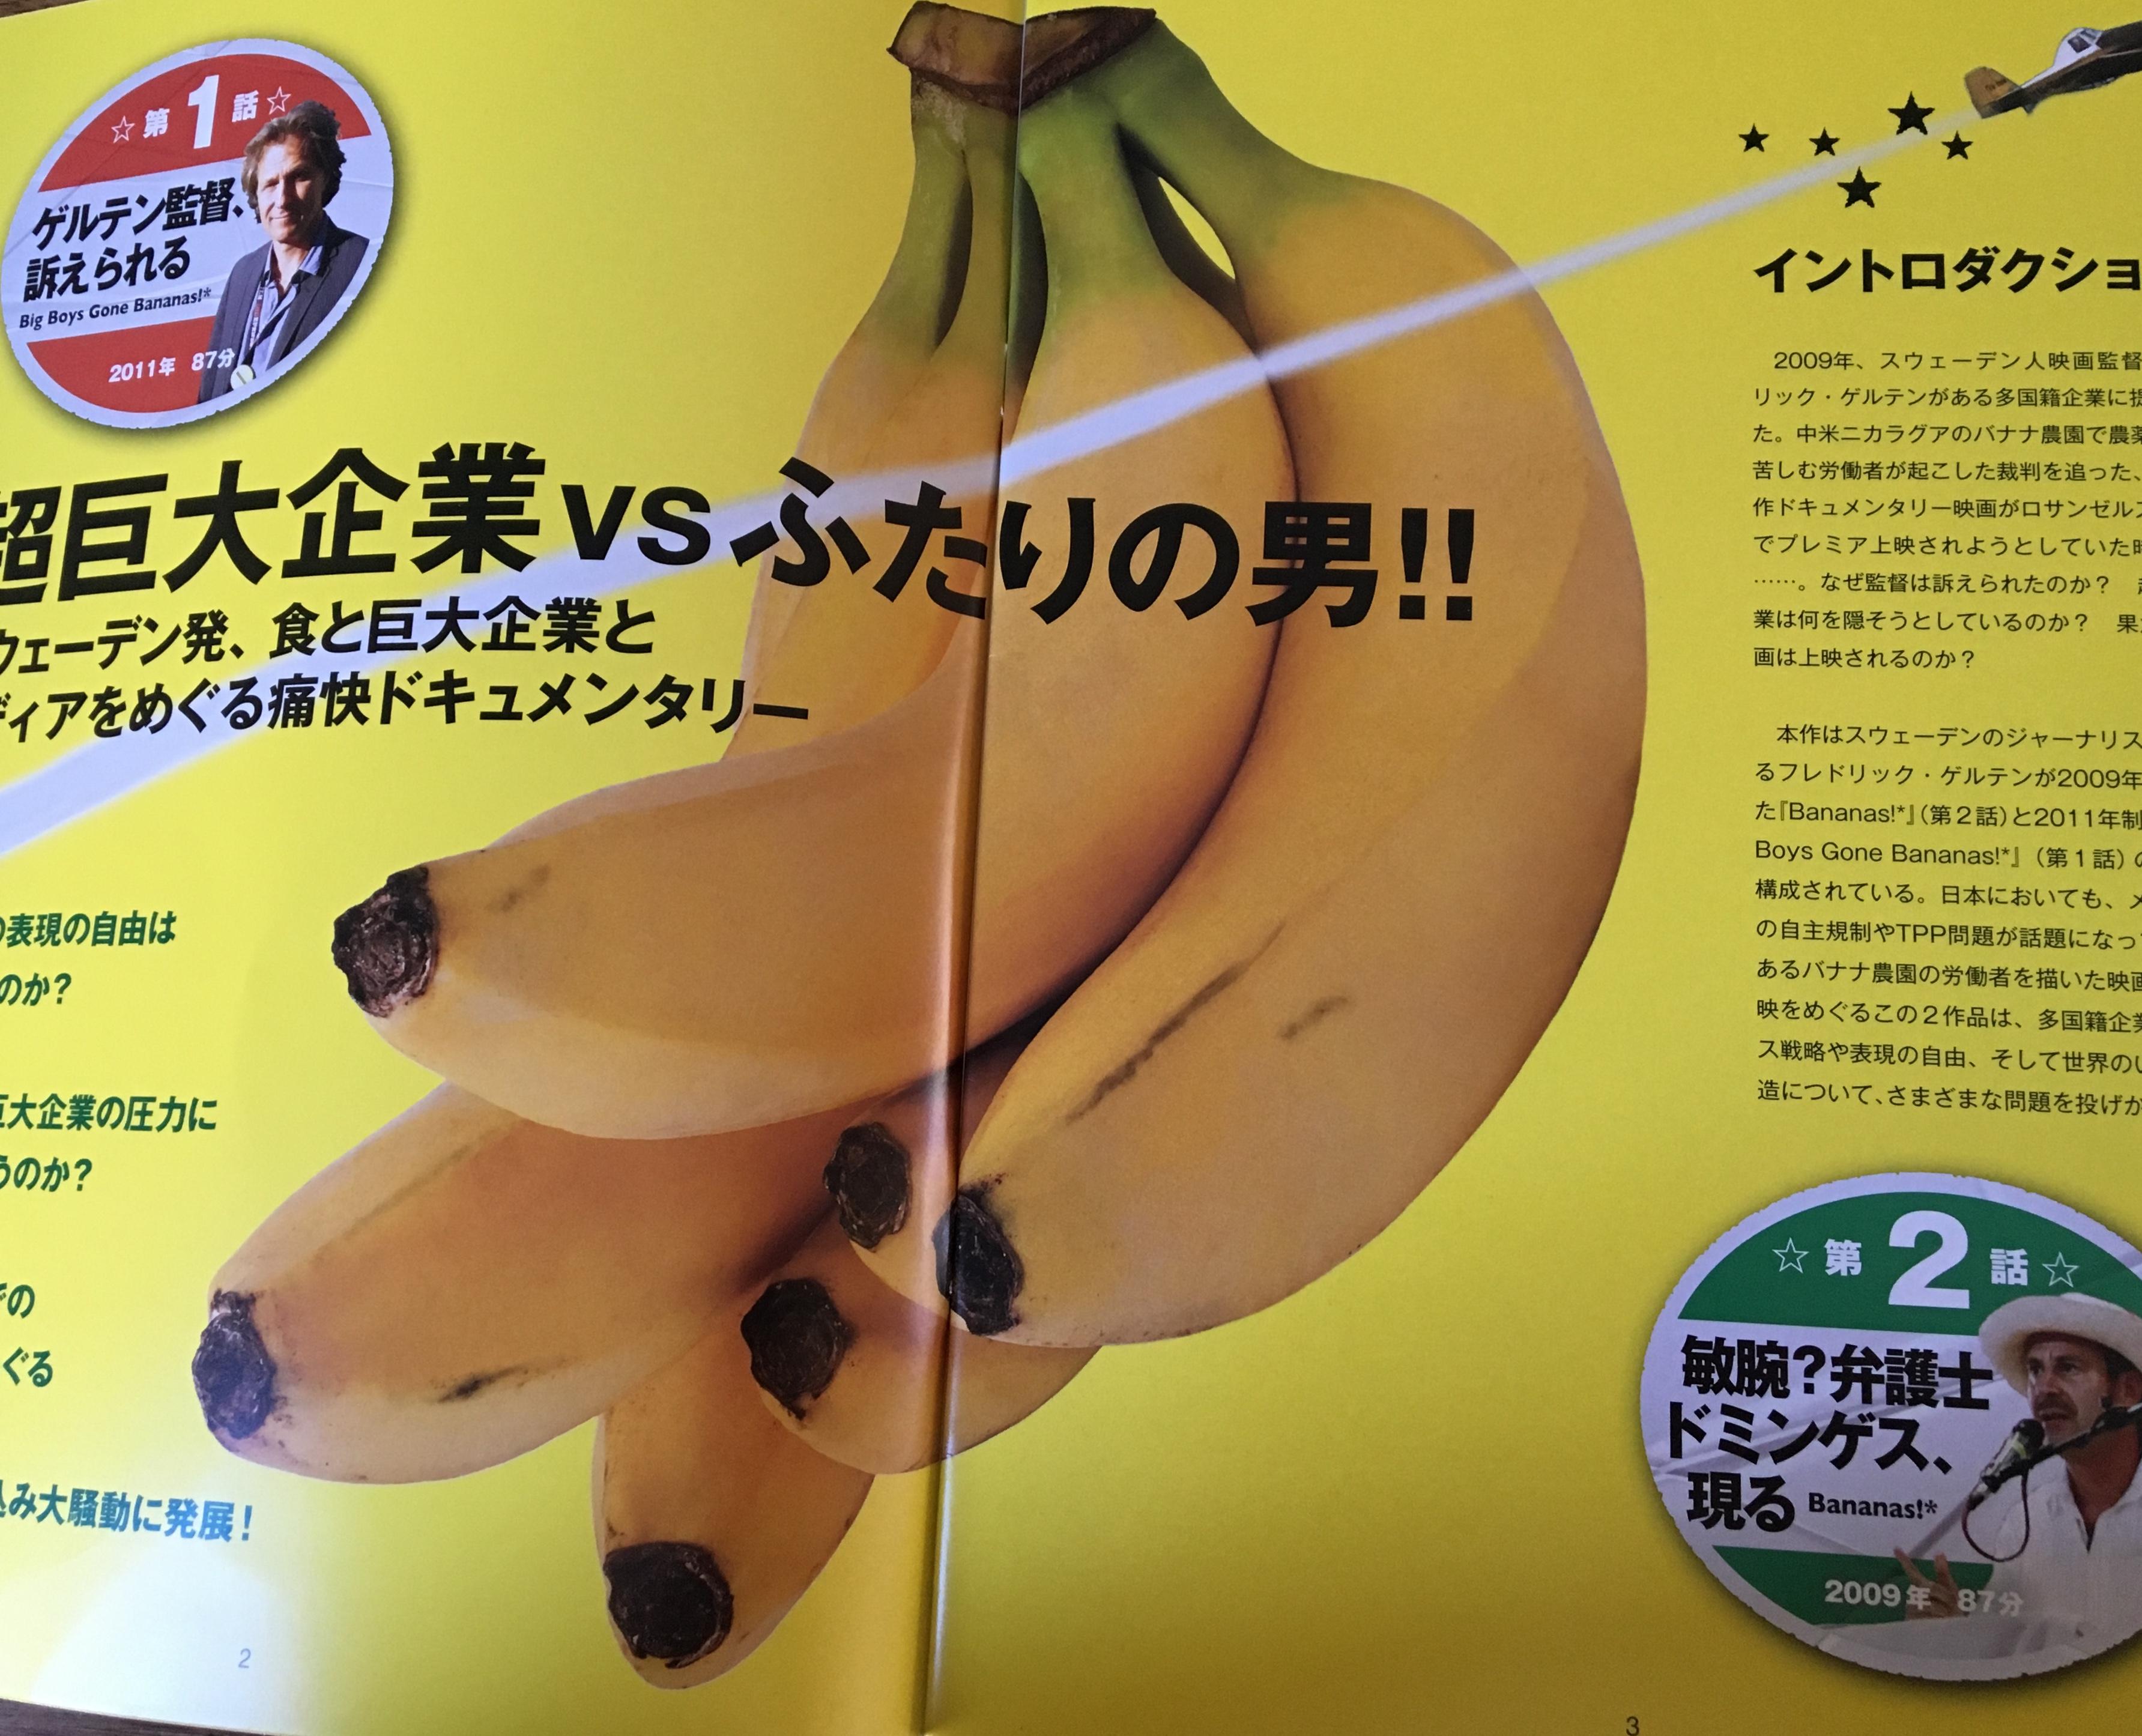 映画『バナナの逆襲』をみて、そんなバナナ!